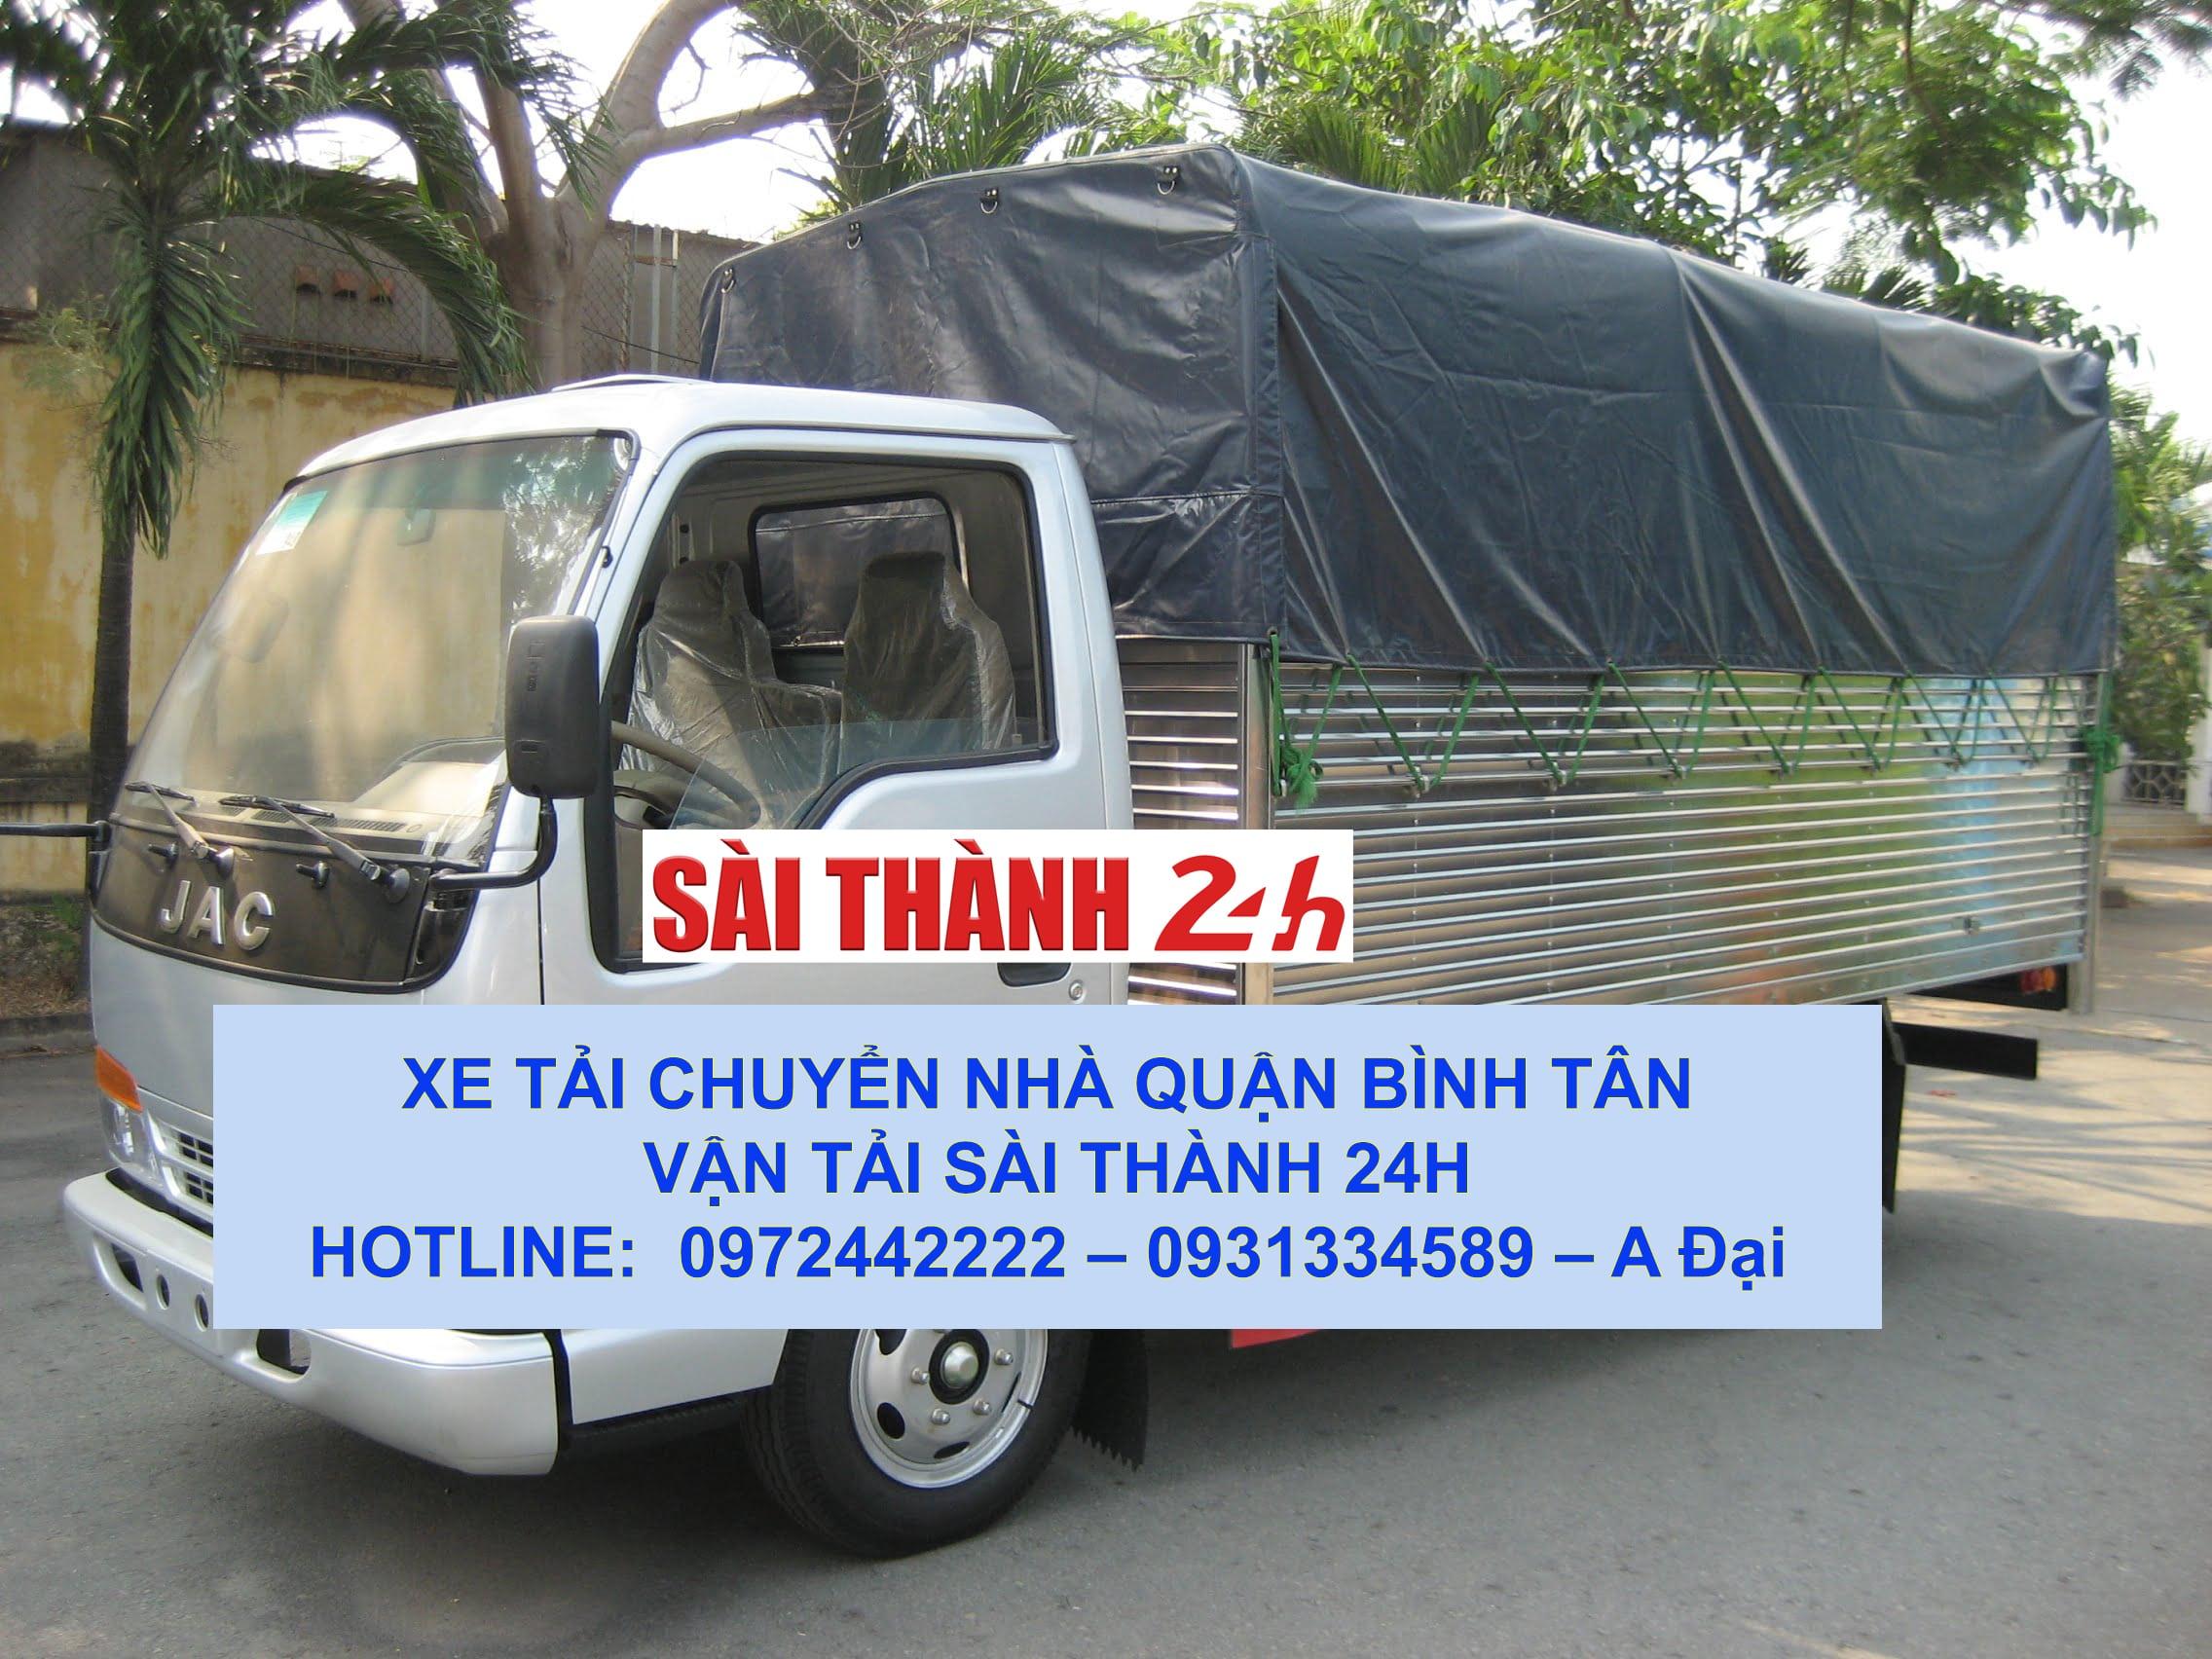 Xe tải chở hàng chuyển nhà trọn gói tại quận Bình Tân